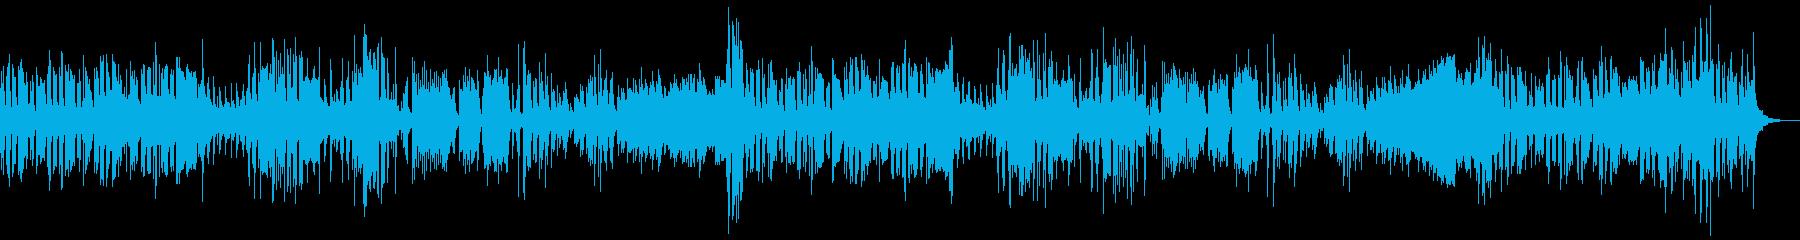 かわいい映像・リコーダー(フル)の再生済みの波形